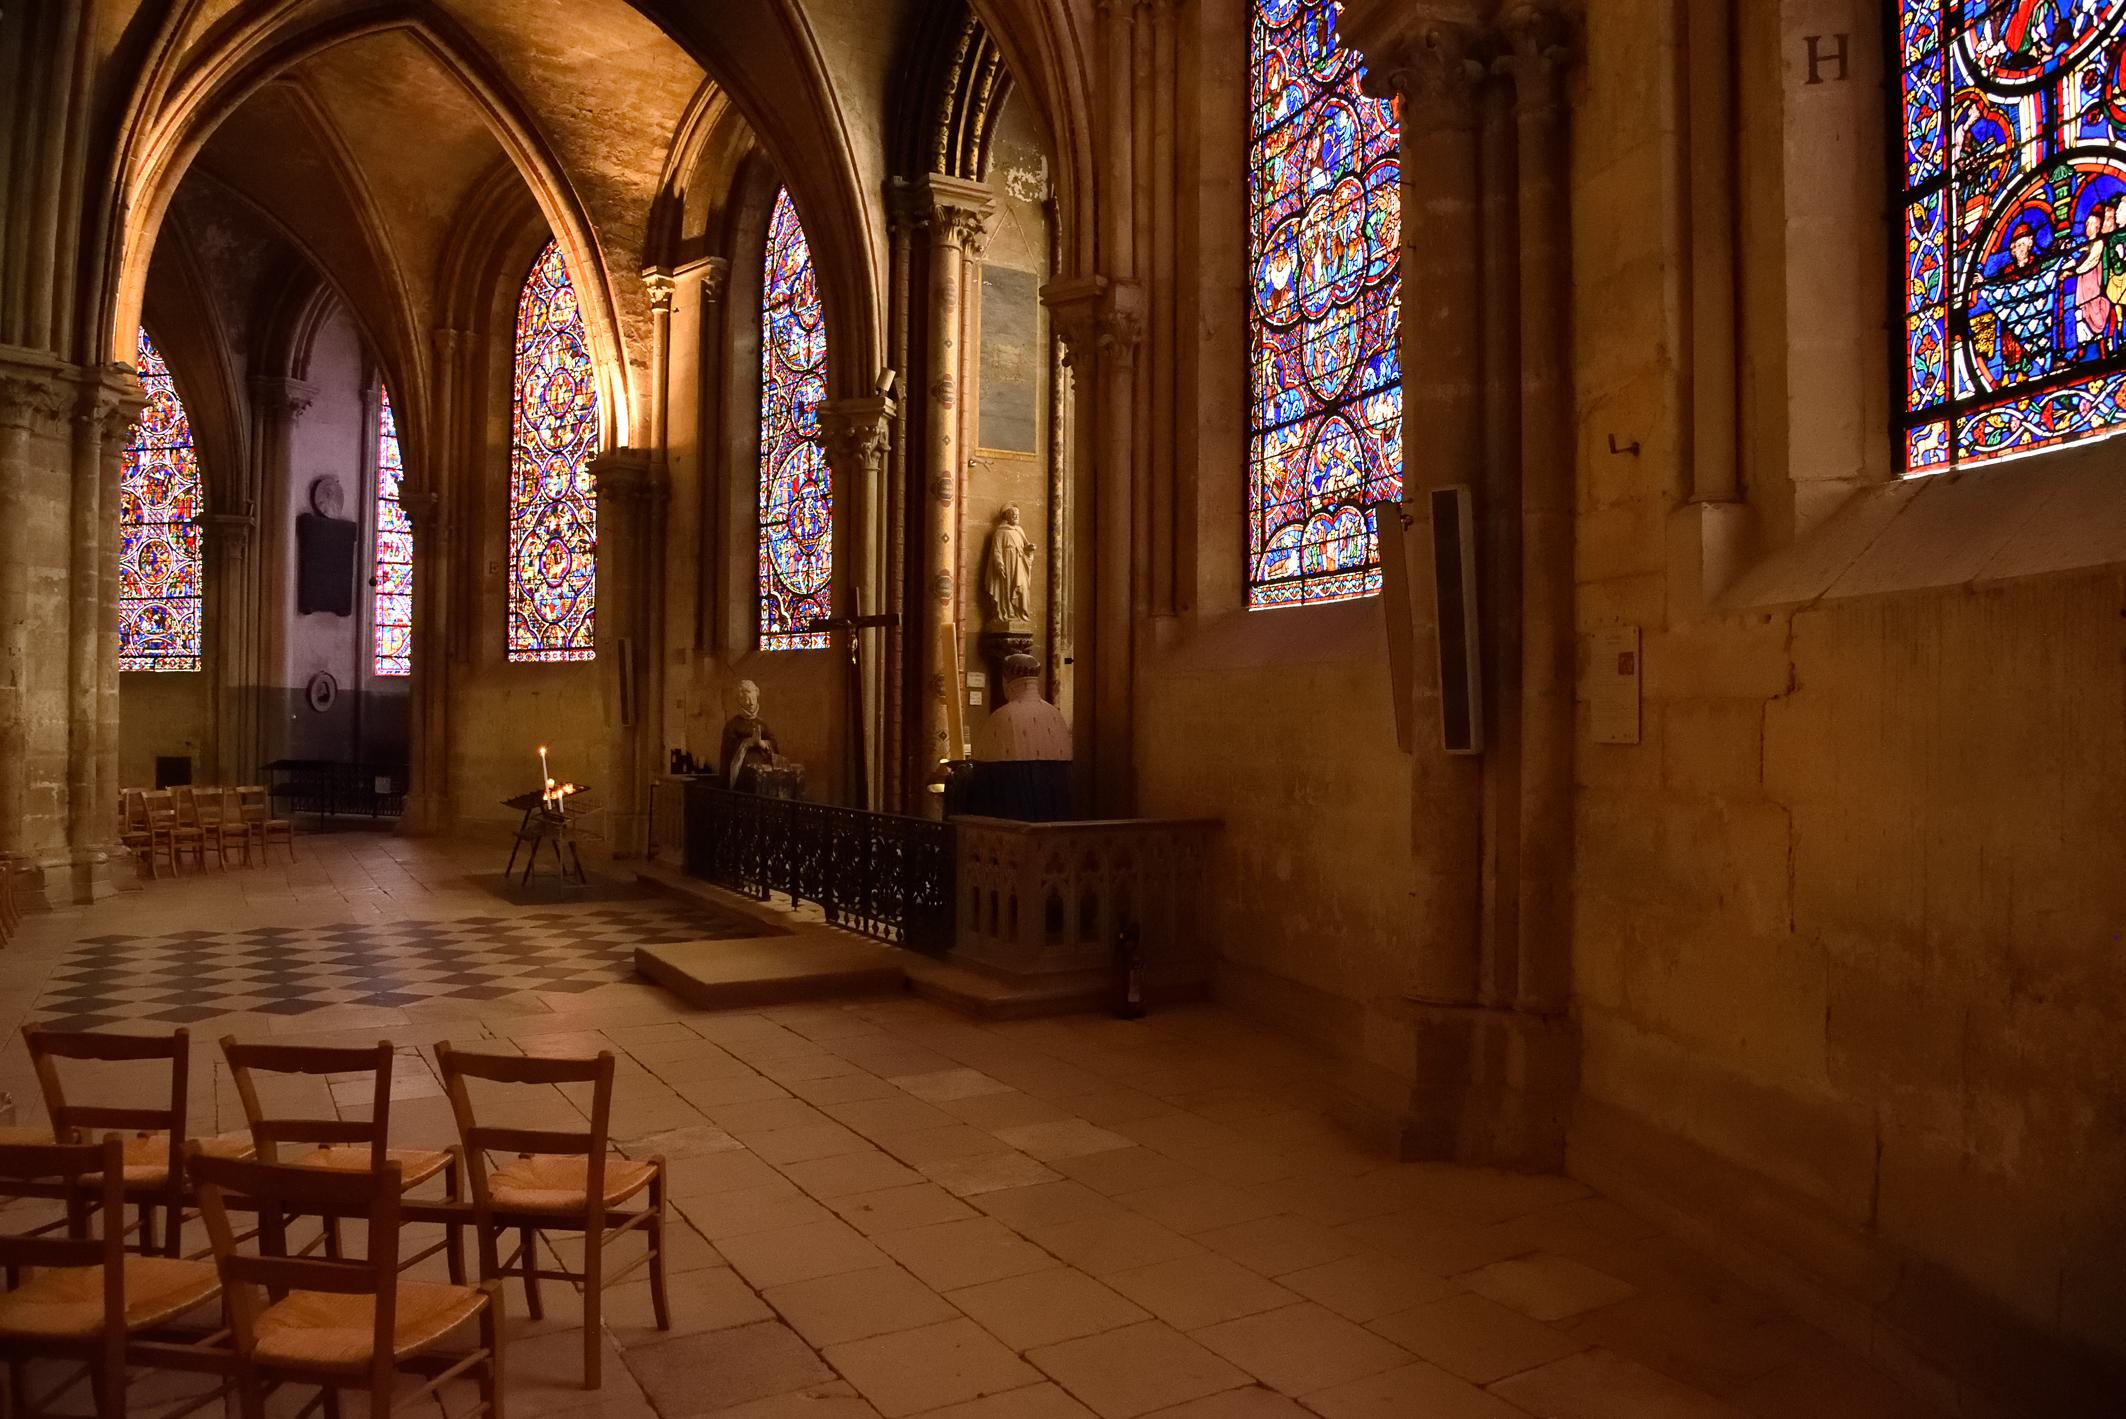 Musées, splendeurs et curiosités de Bourges – 1